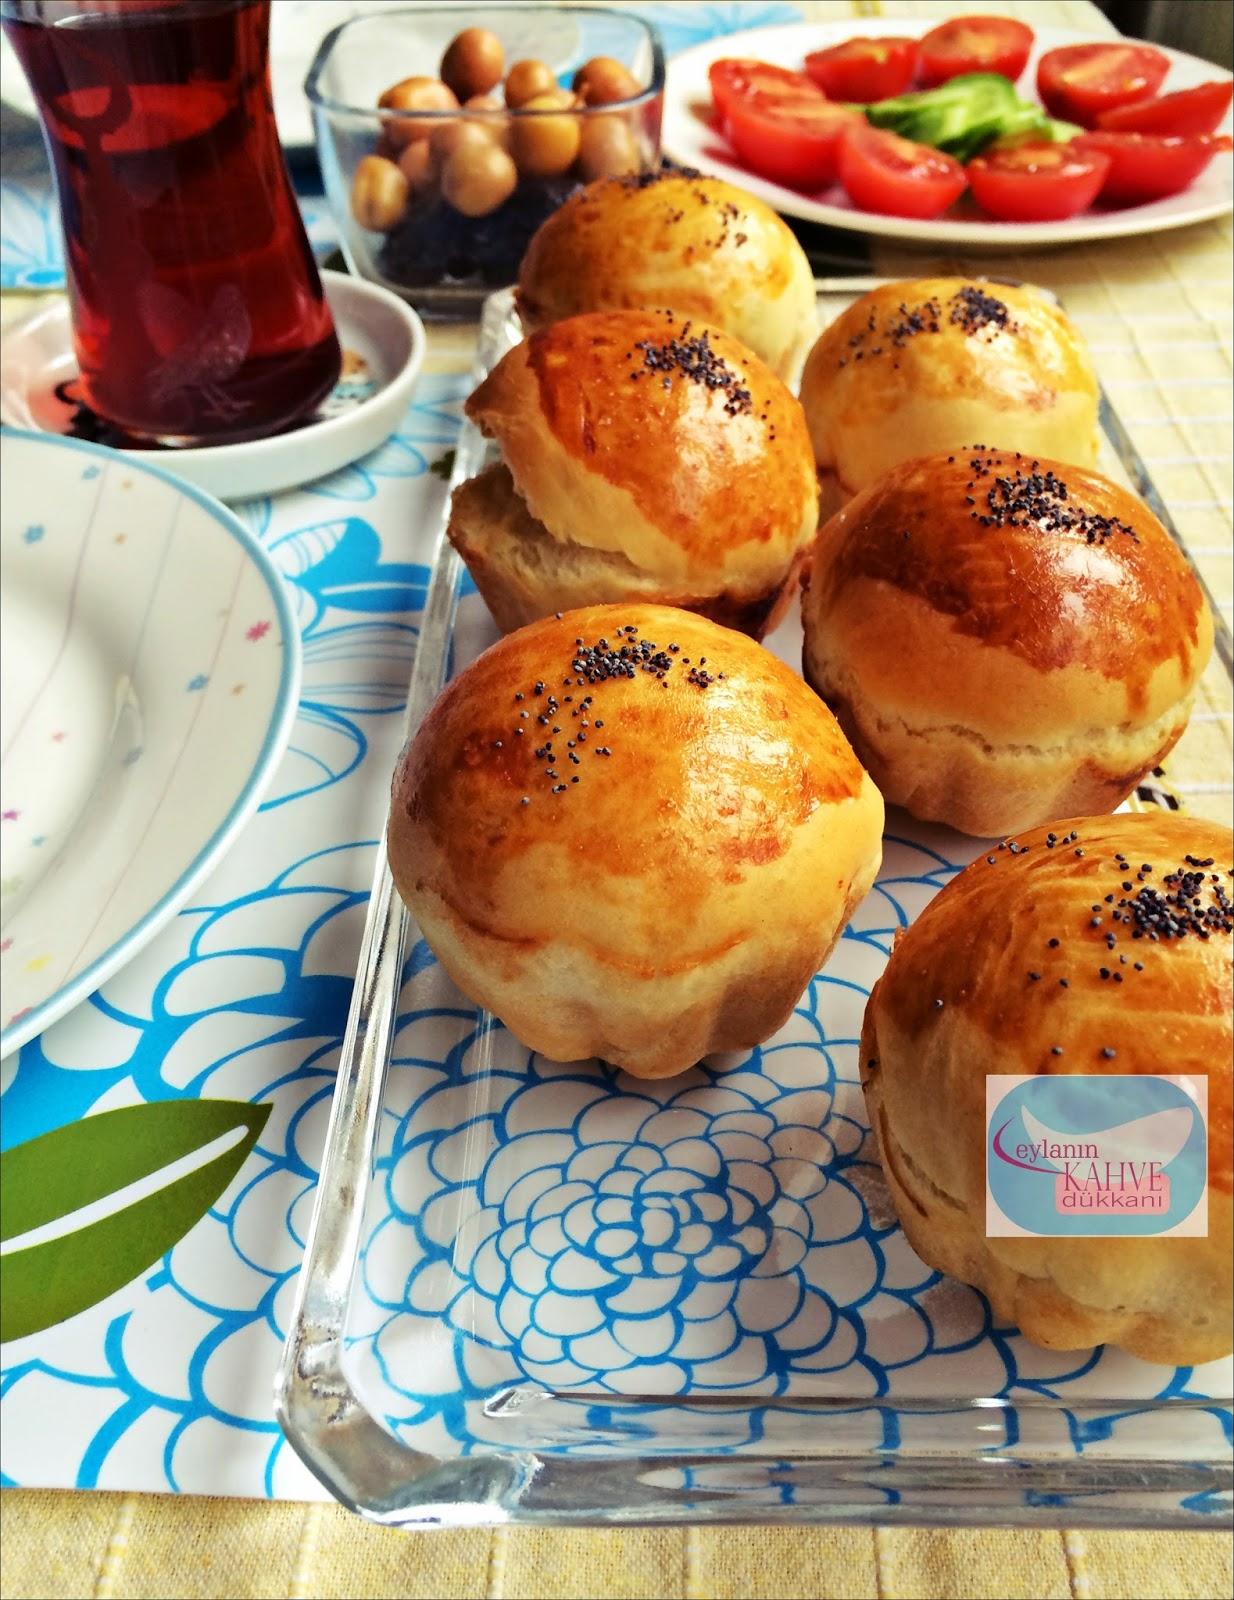 sütlü ekmek, kahvaltılık sütlü ekmek, ekmekcik